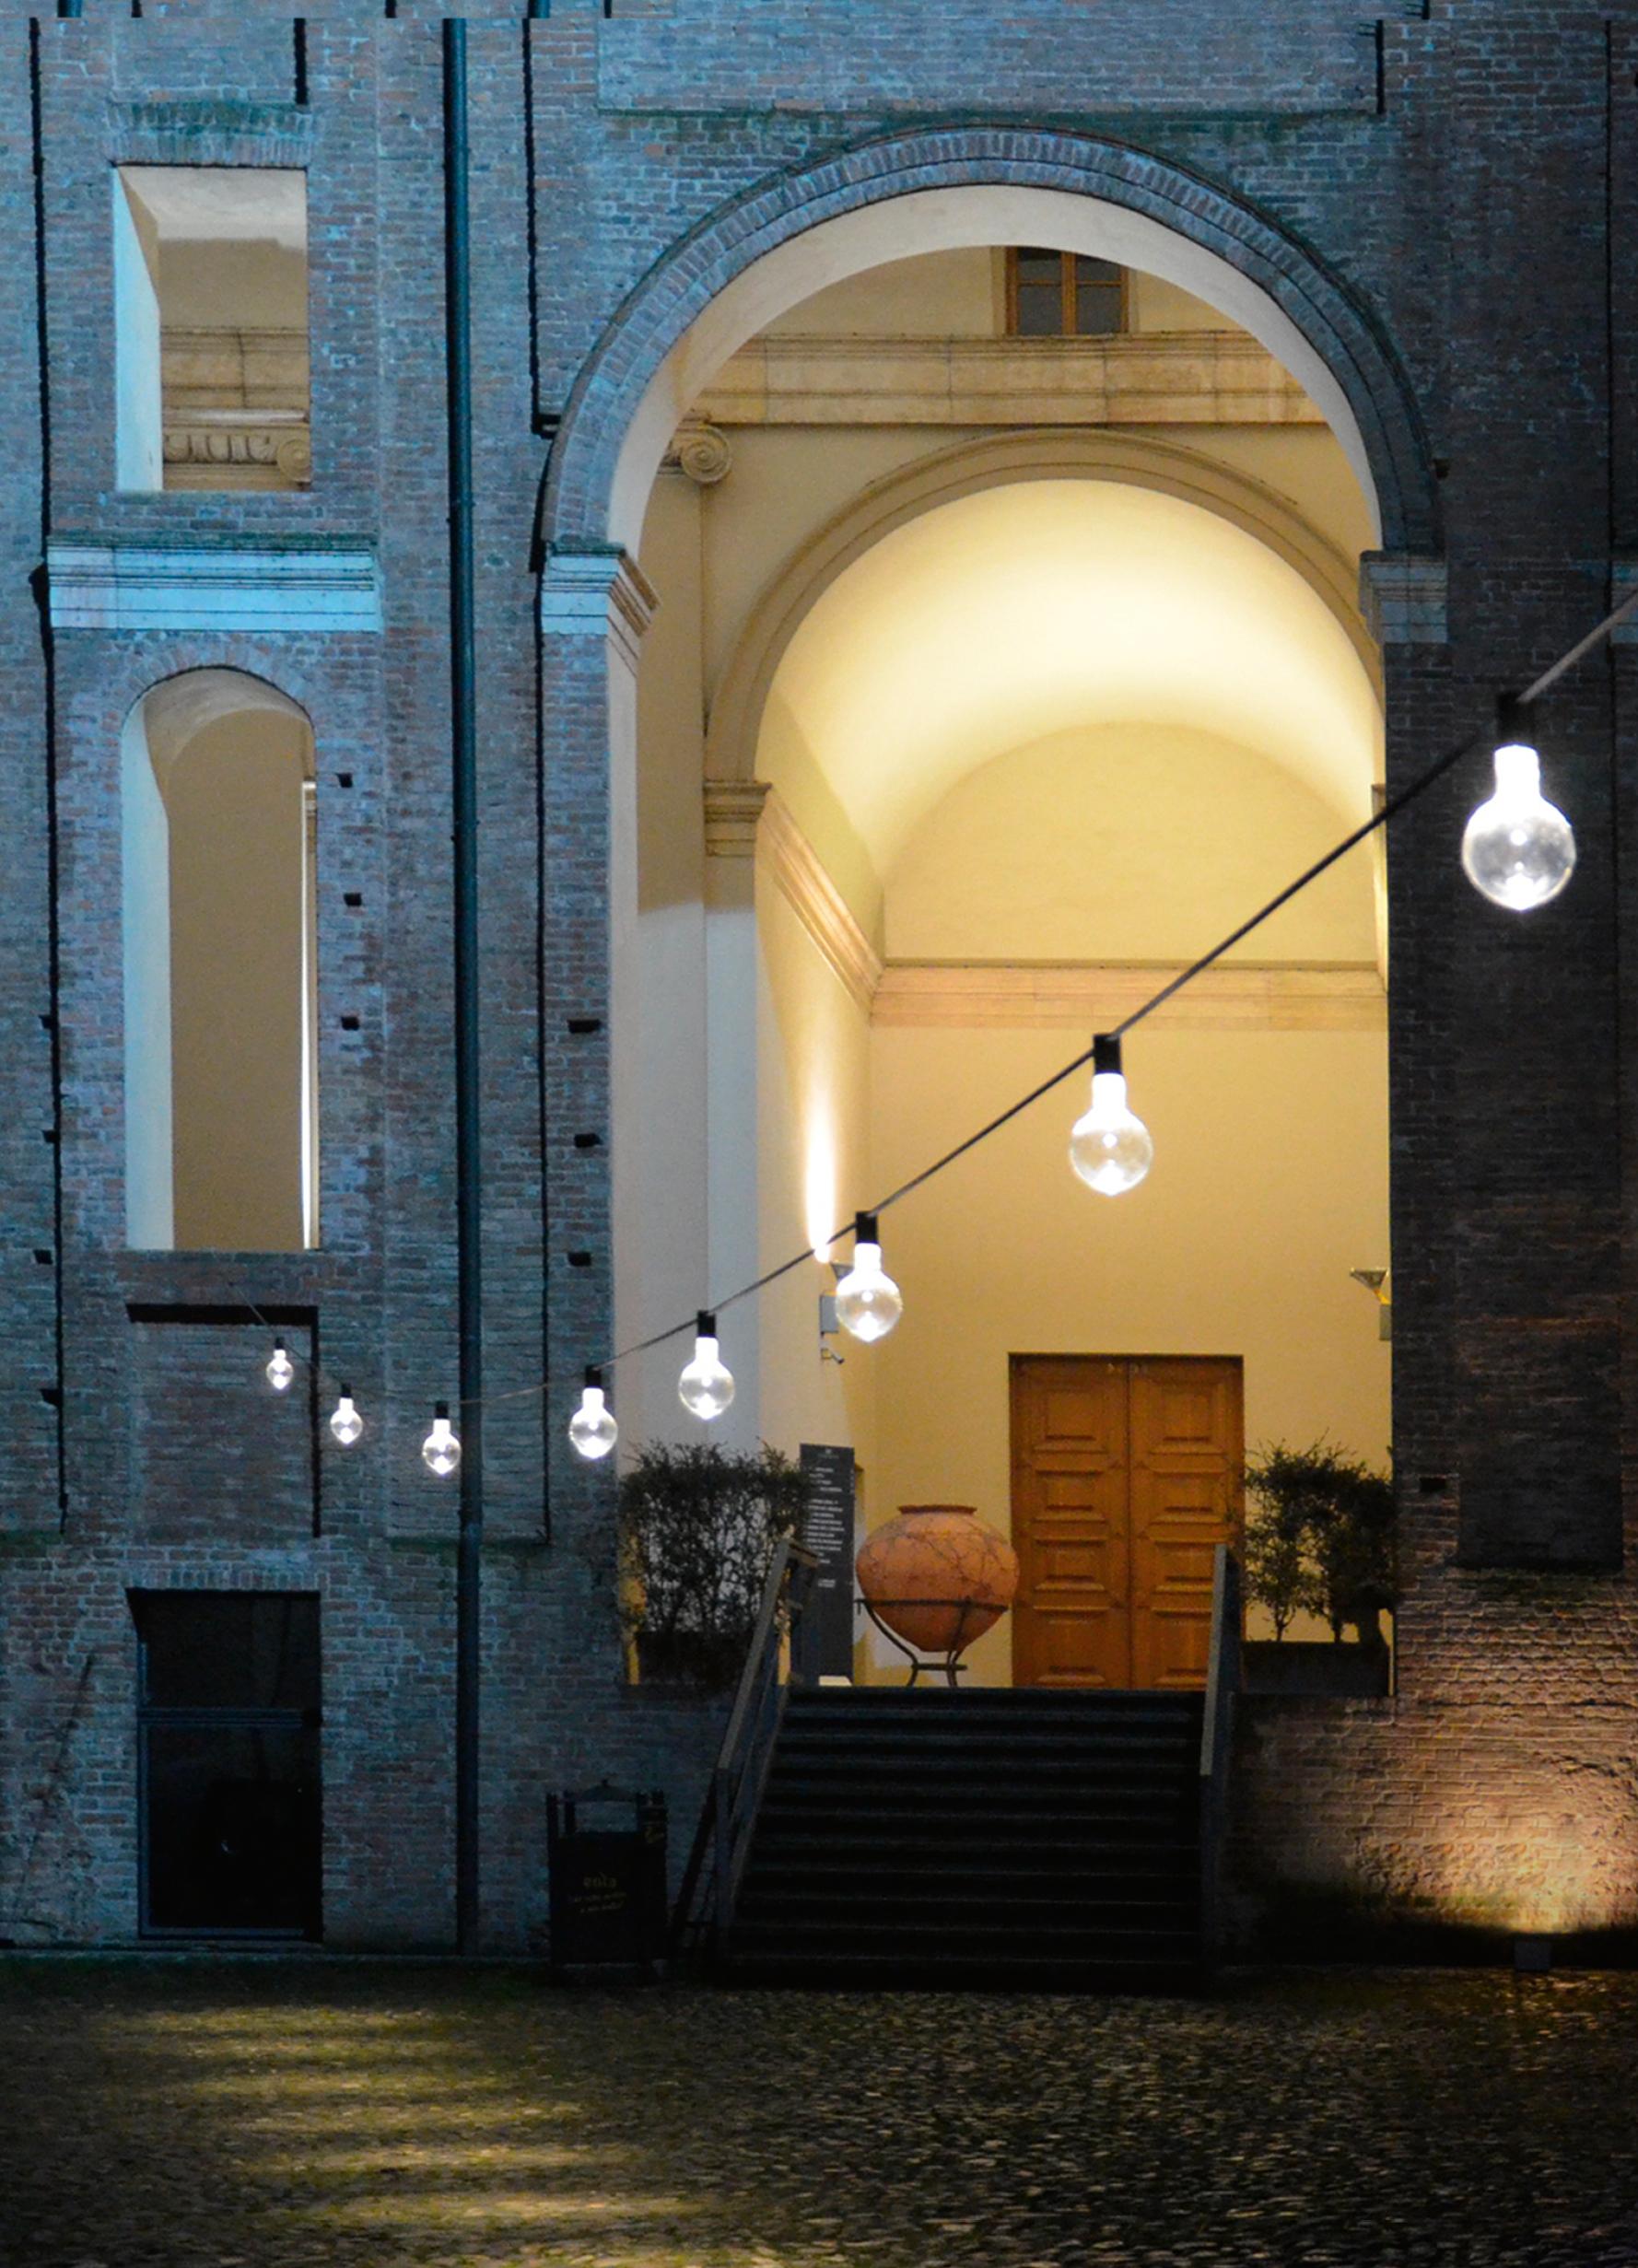 catenaria di luce serpentine_img1